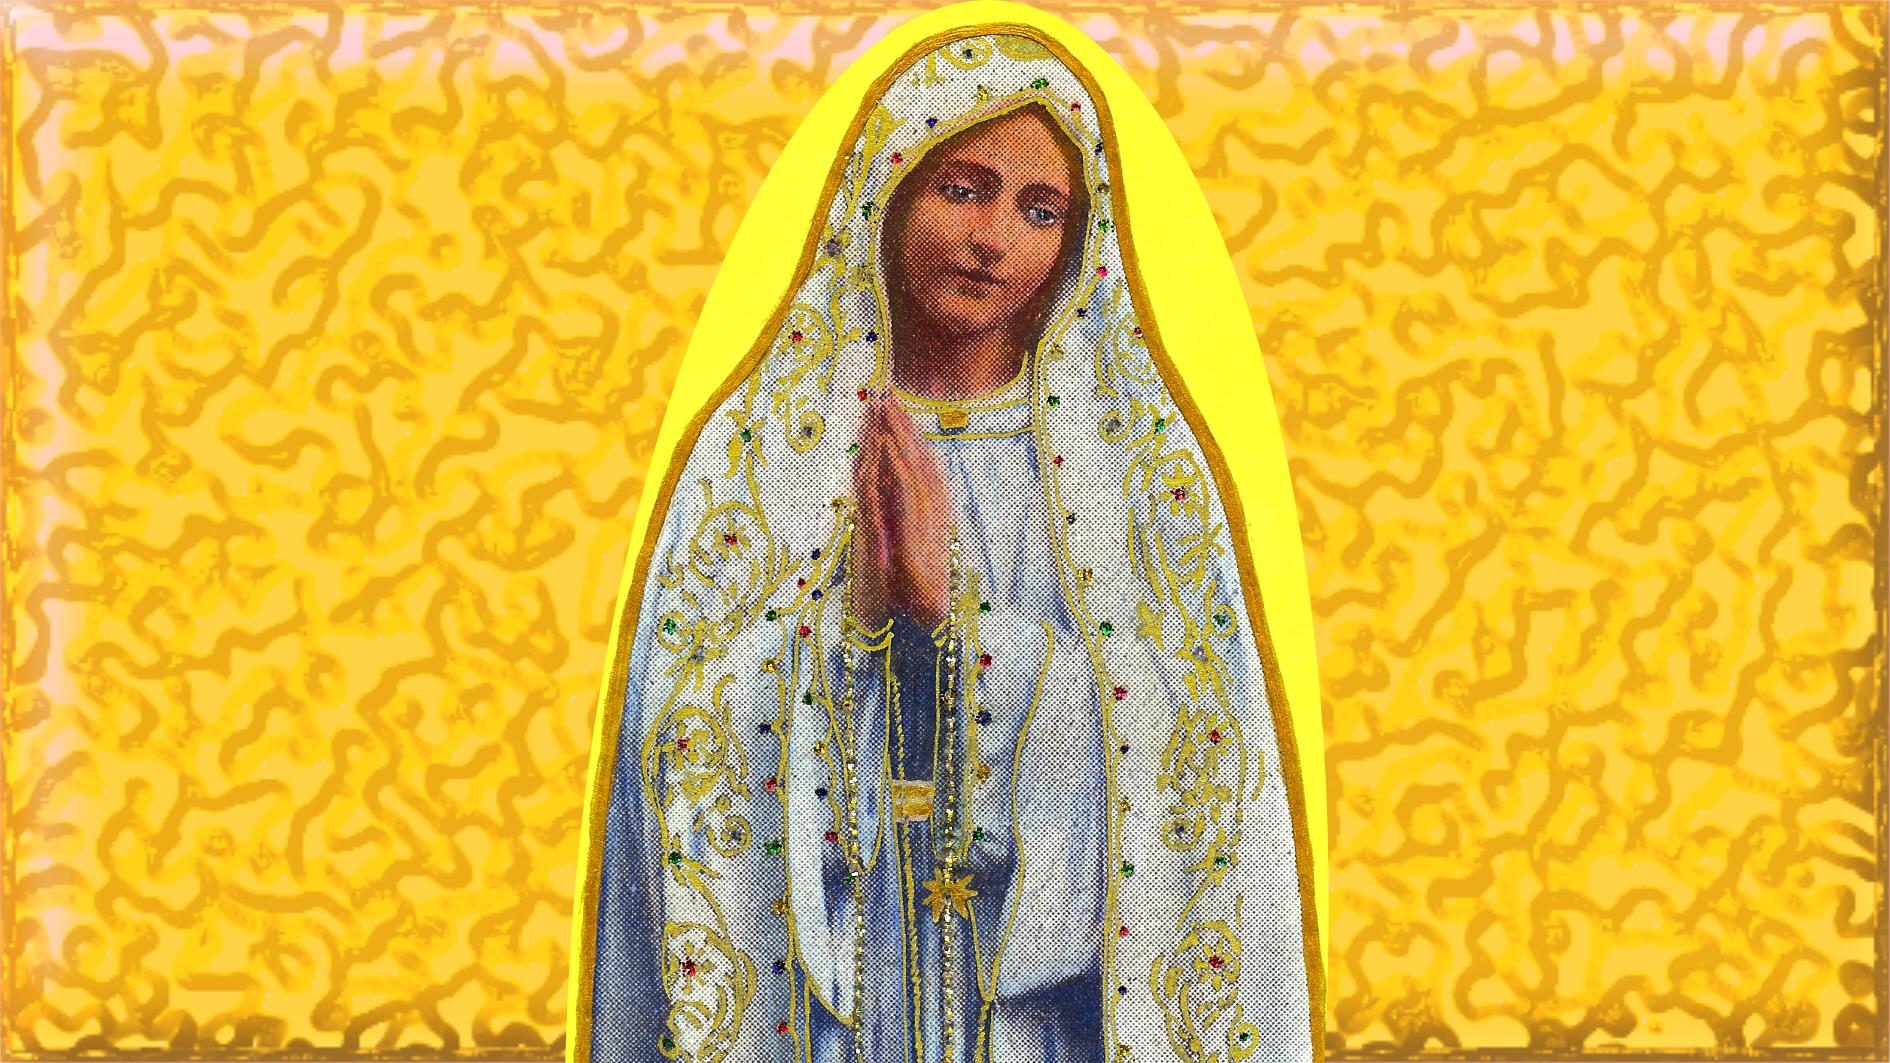 CALENDRIER CATHOLIQUE 2020 (Cantiques, Prières & Images) - Page 14 Notre-dame-de-fatima-1bis-575ec6d